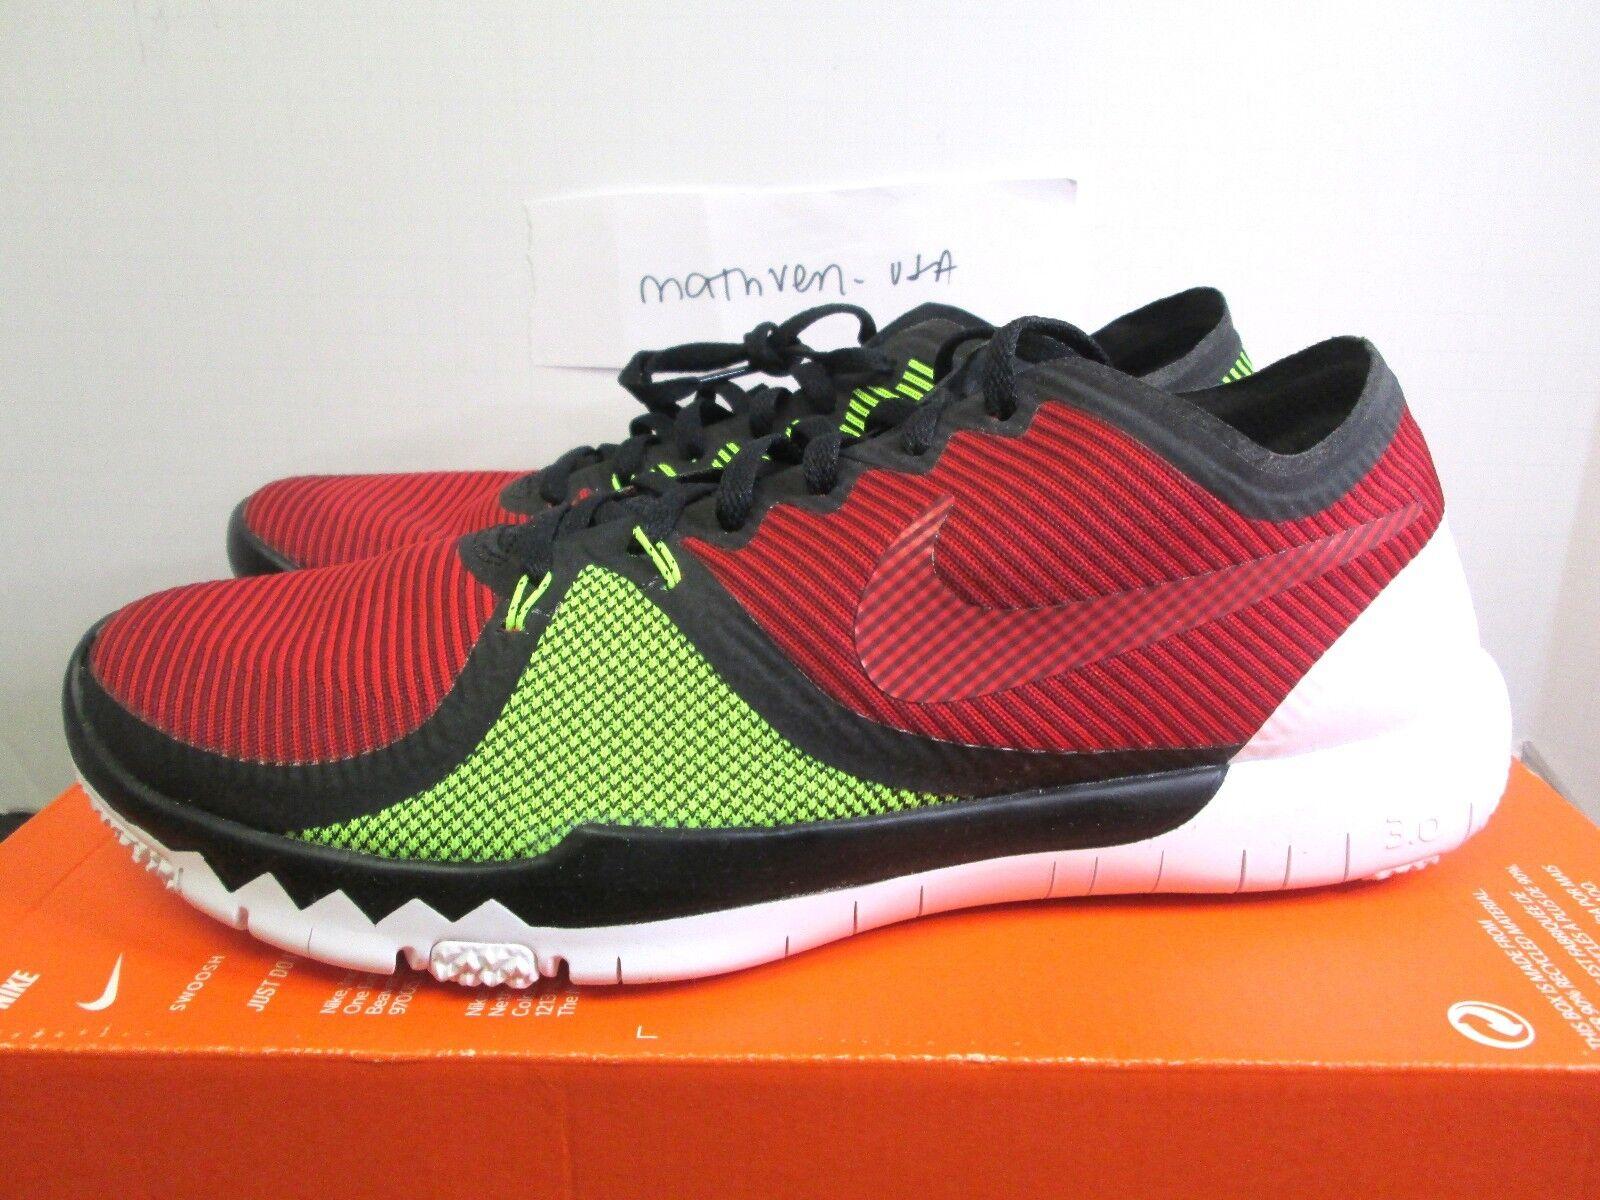 Nike libera trainer v4 uomini scarpe da ginnastica rosso verde nero 749361 066 sz 11